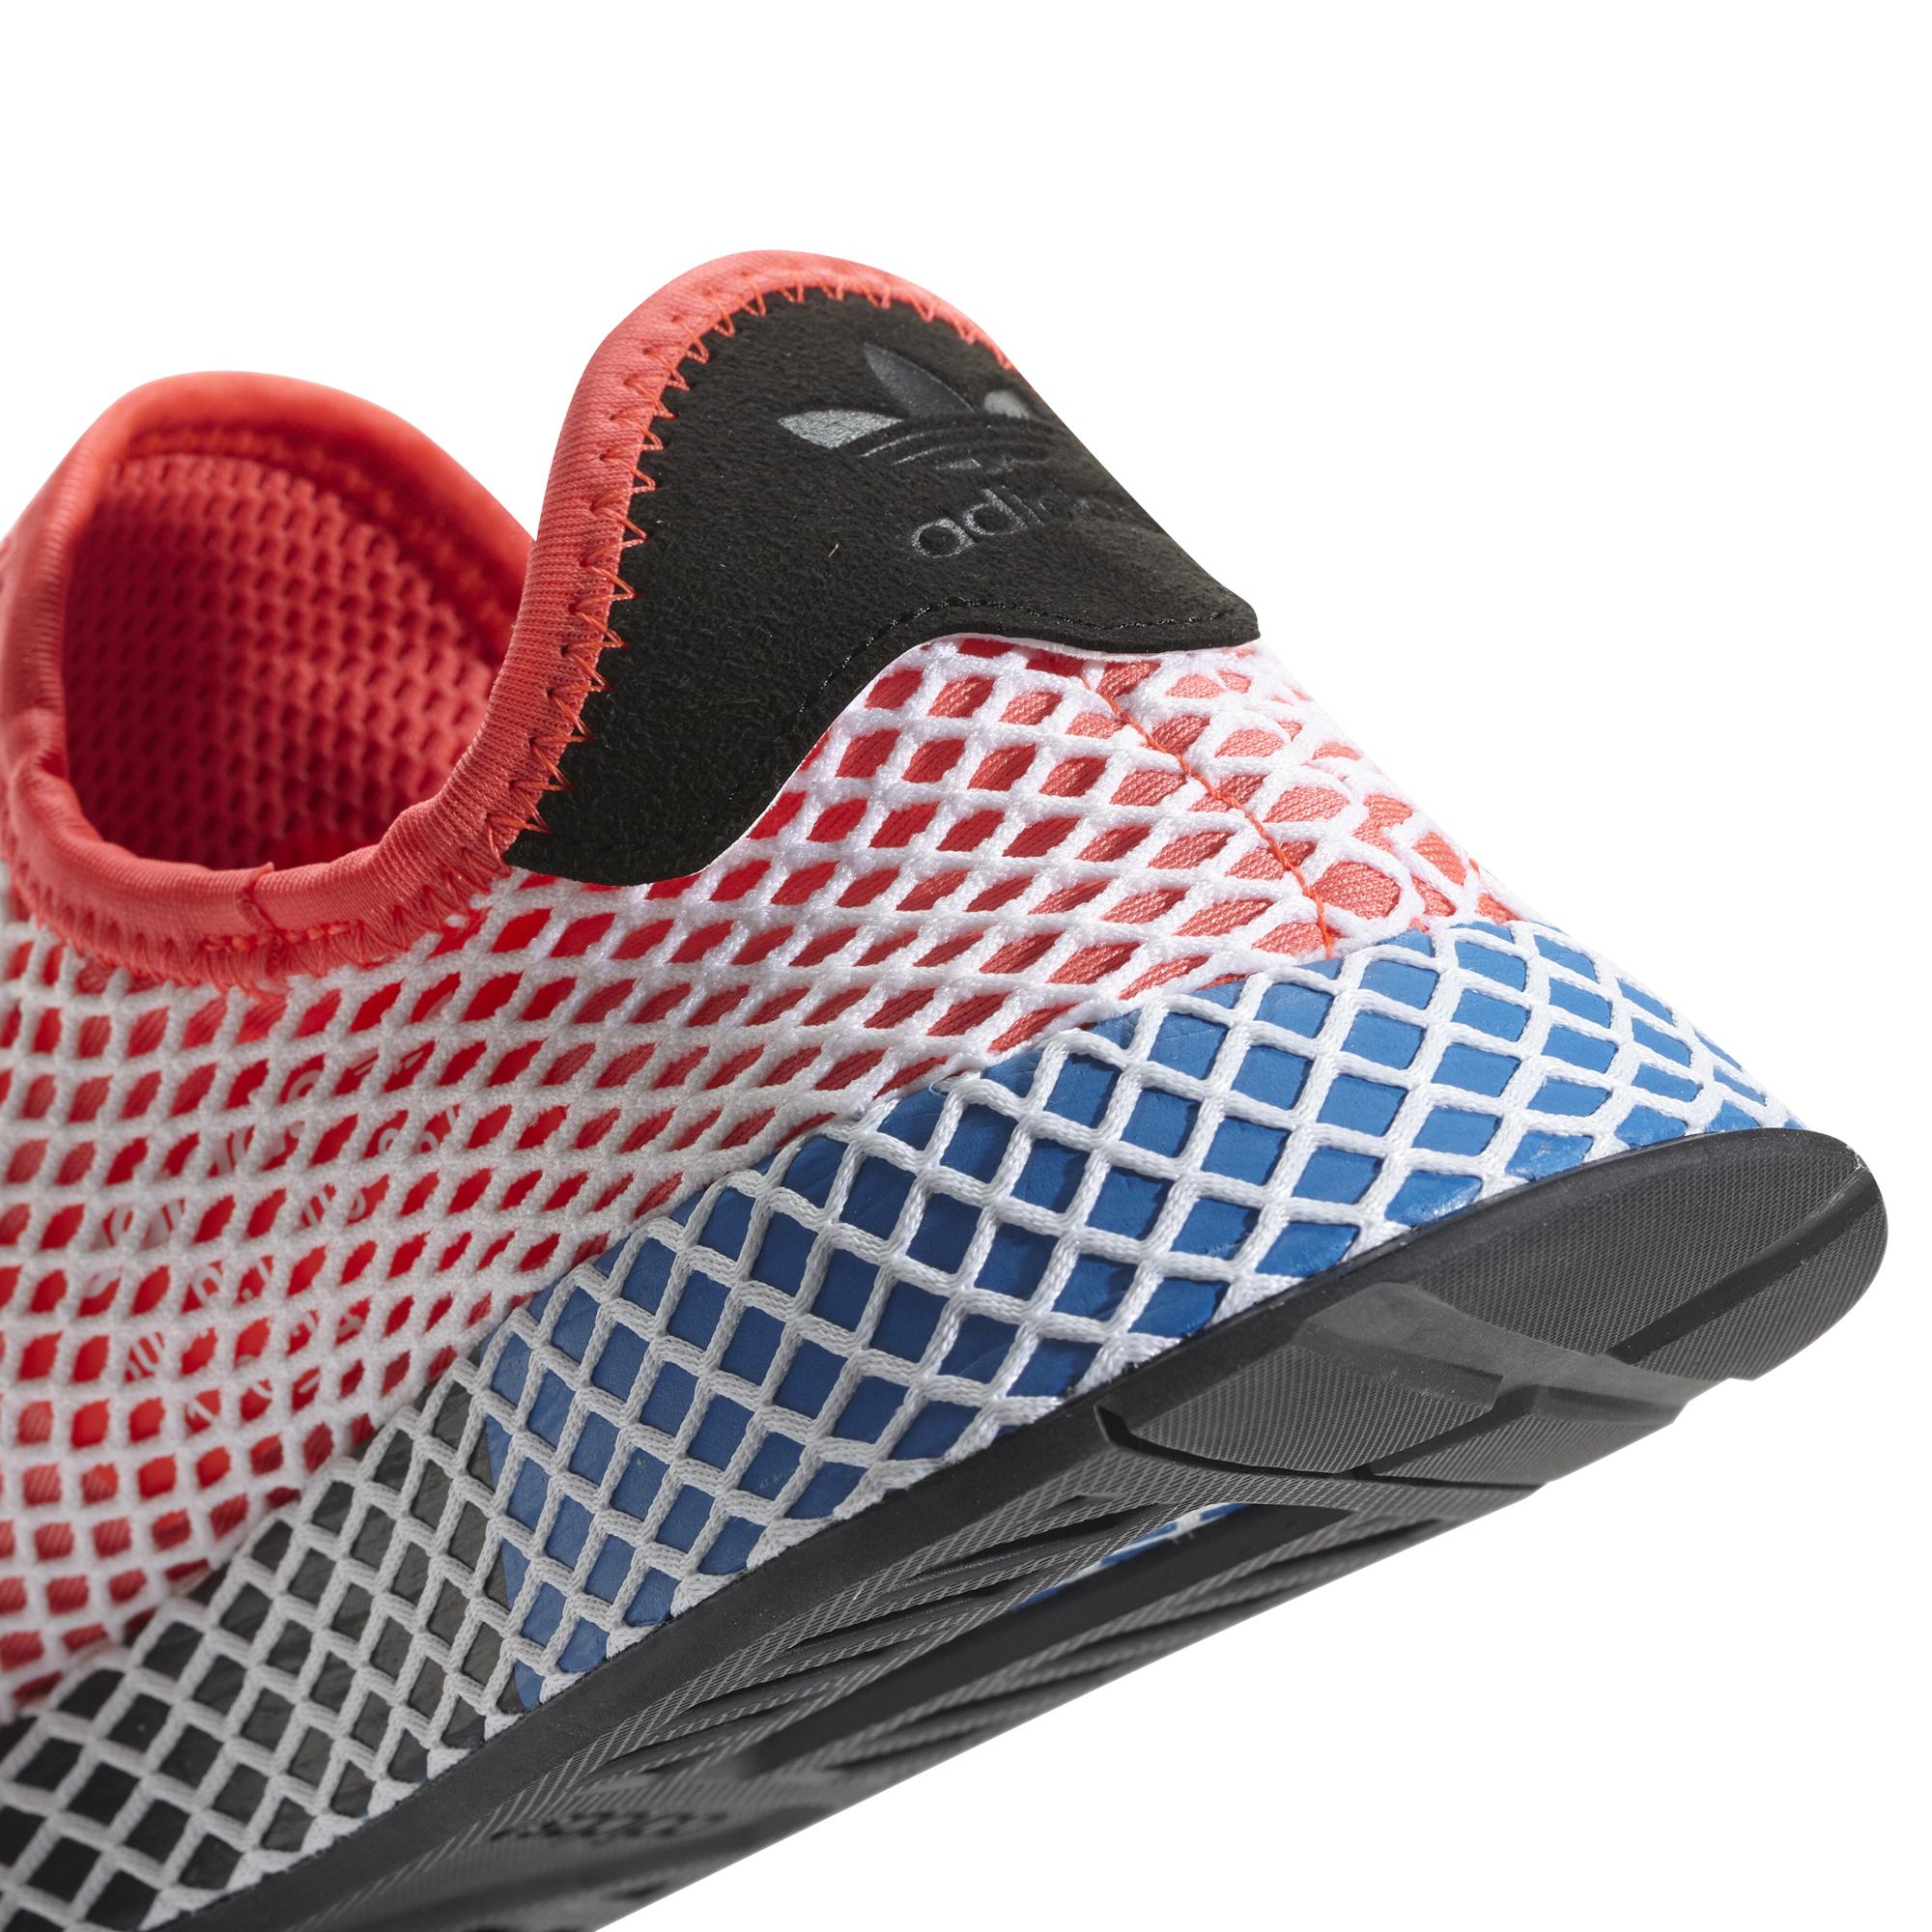 pretty nice 53bf9 a33d6 ... adidas Deerupt Runner CQ2624 ...